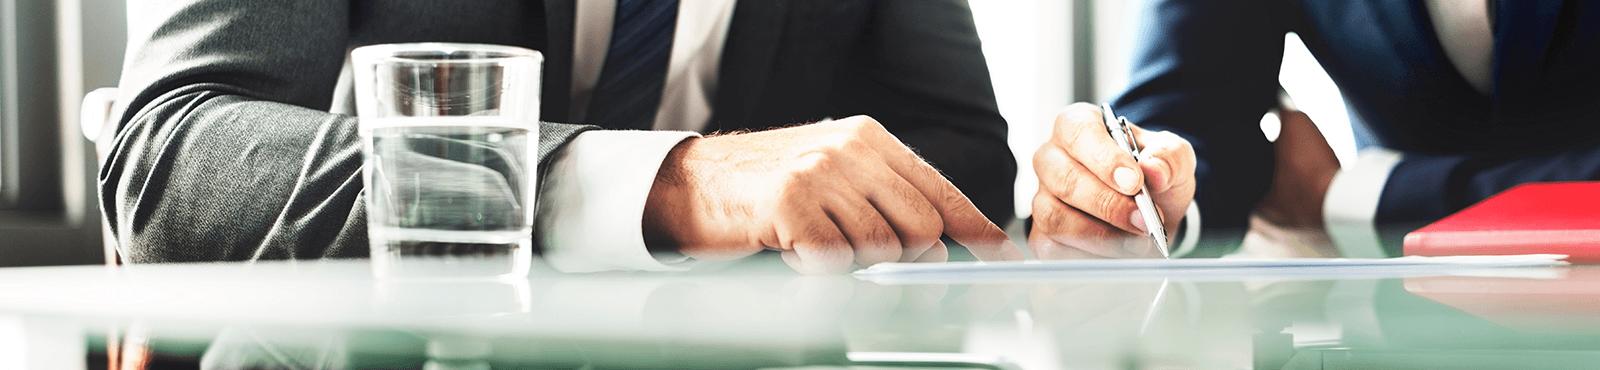 Elster-Steuersignatur beschaffen – leicht gemacht